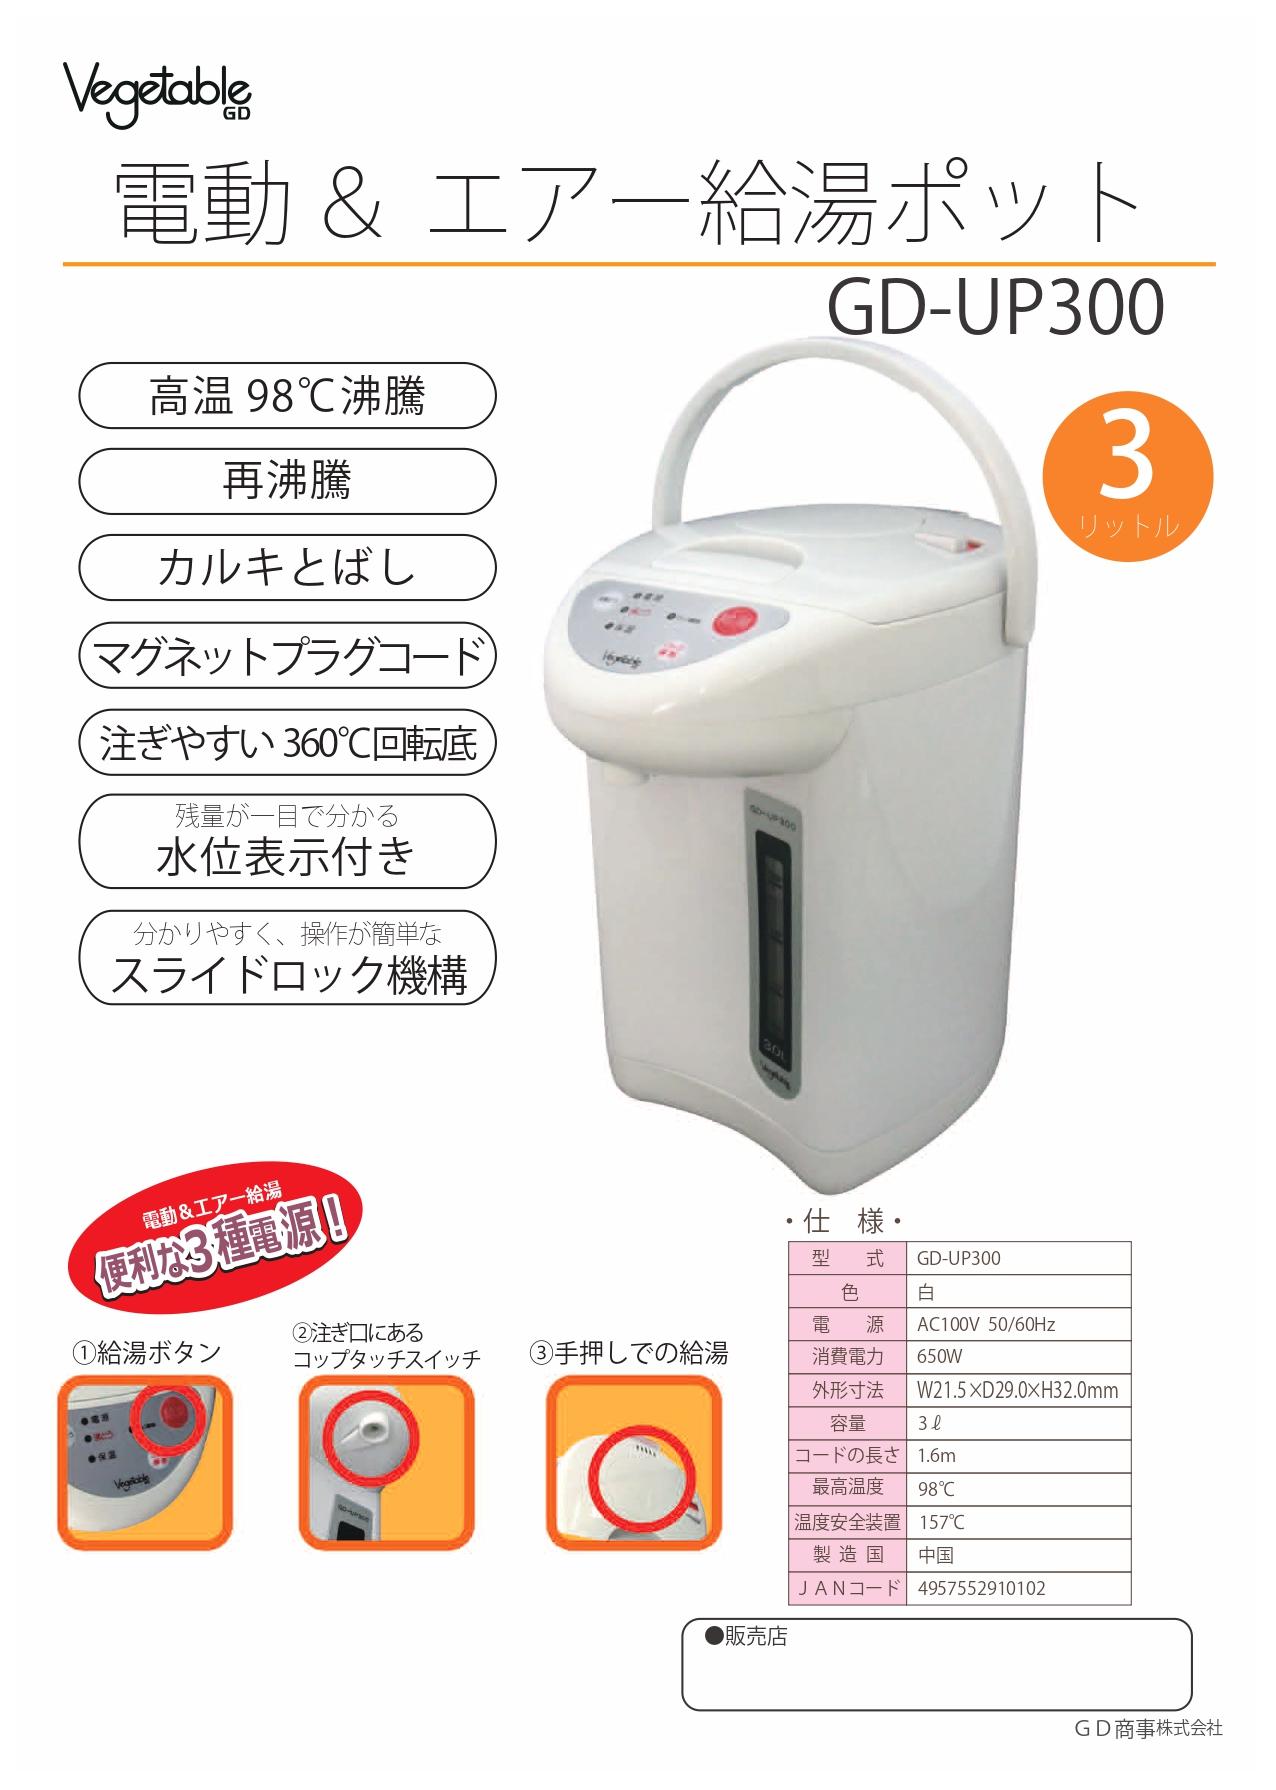 GD-UP300